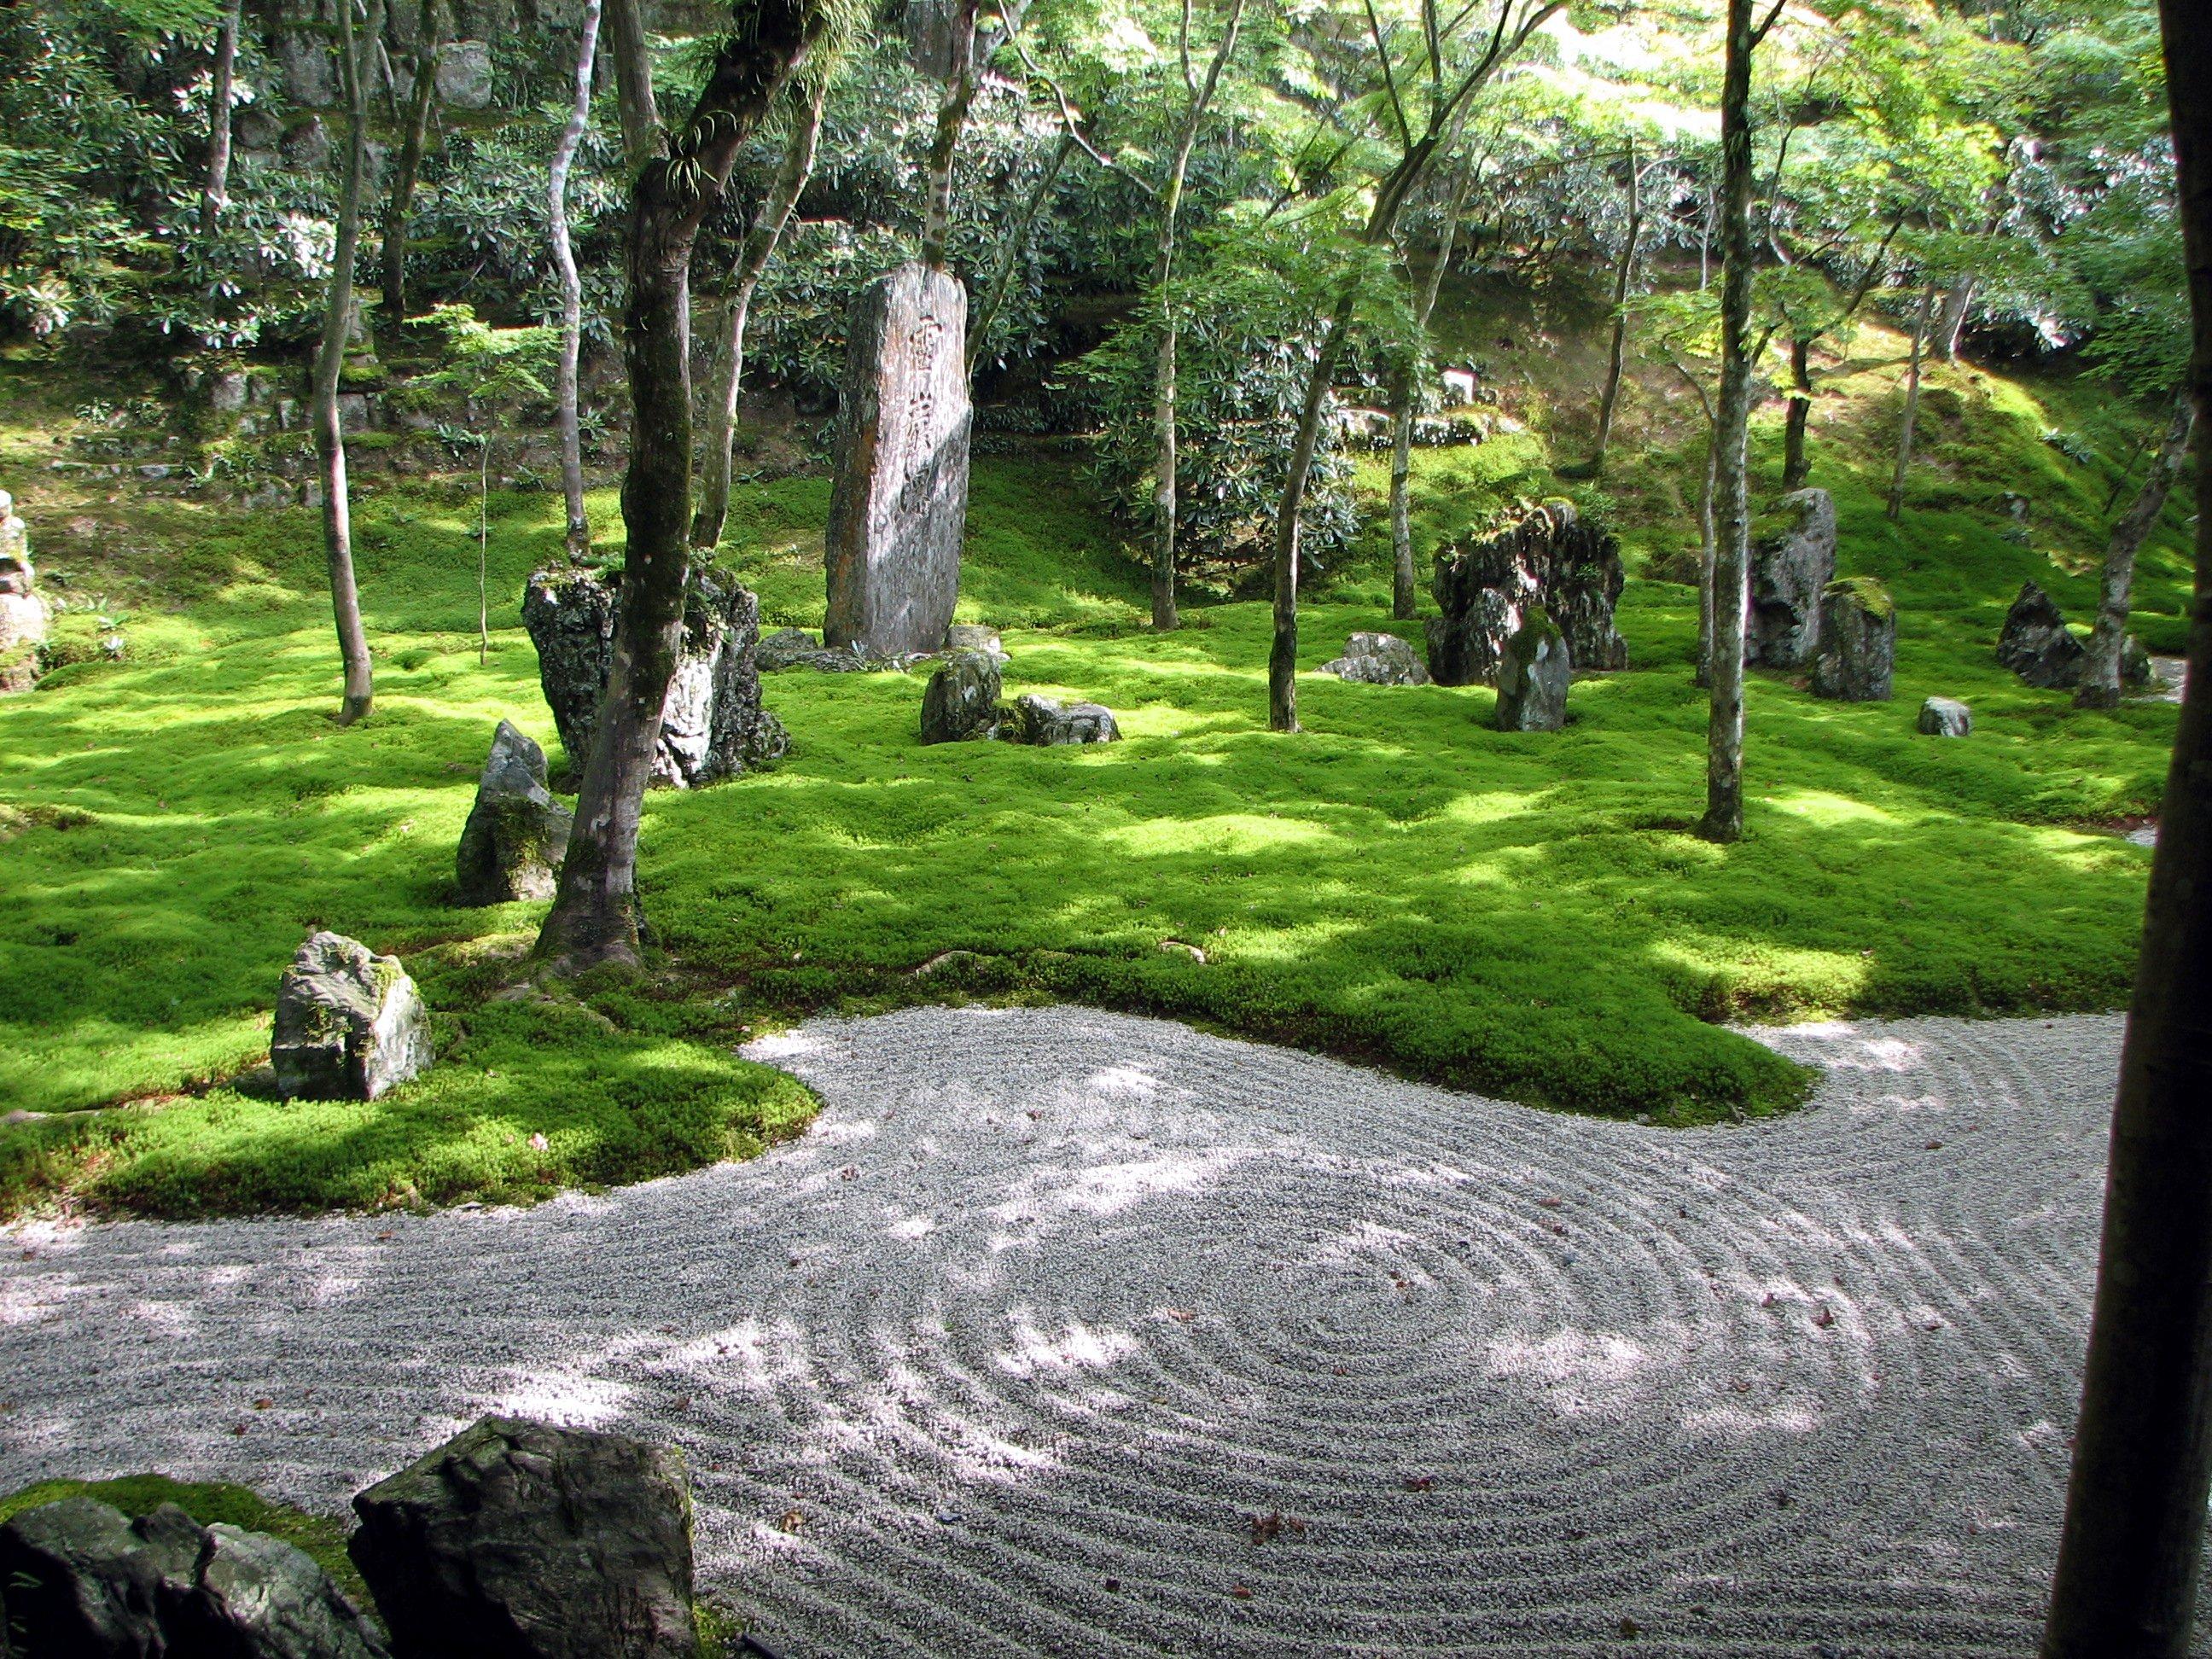 Zen Garden Wallpaper HD 12 Freetopwallpapercom 2592x1944